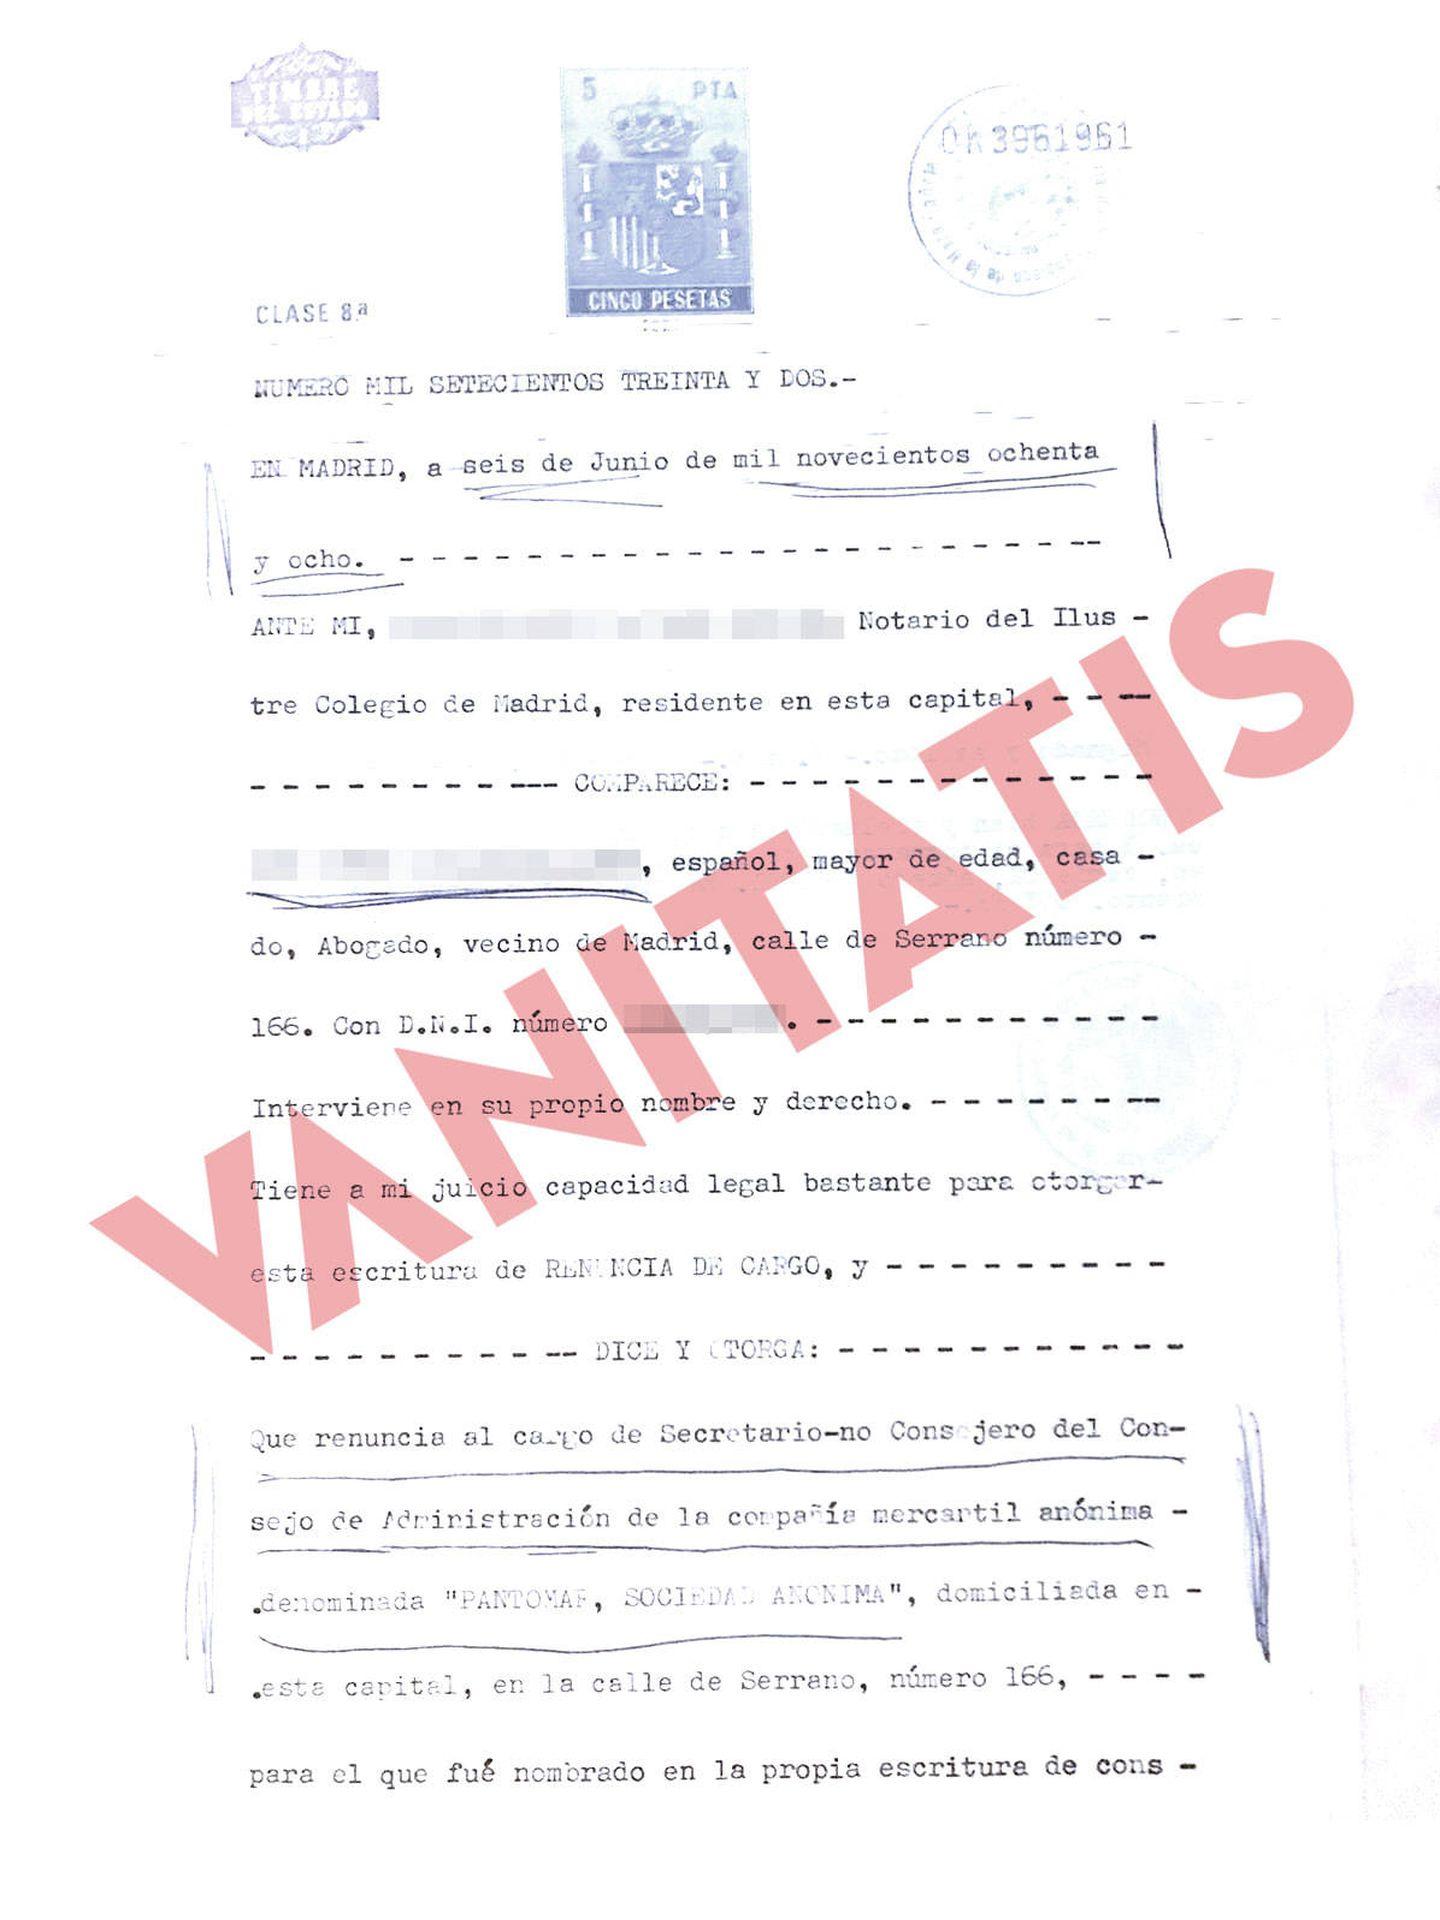 Reproducción del documento notarial que desvincula a Ramón Calderón de Pantomar.